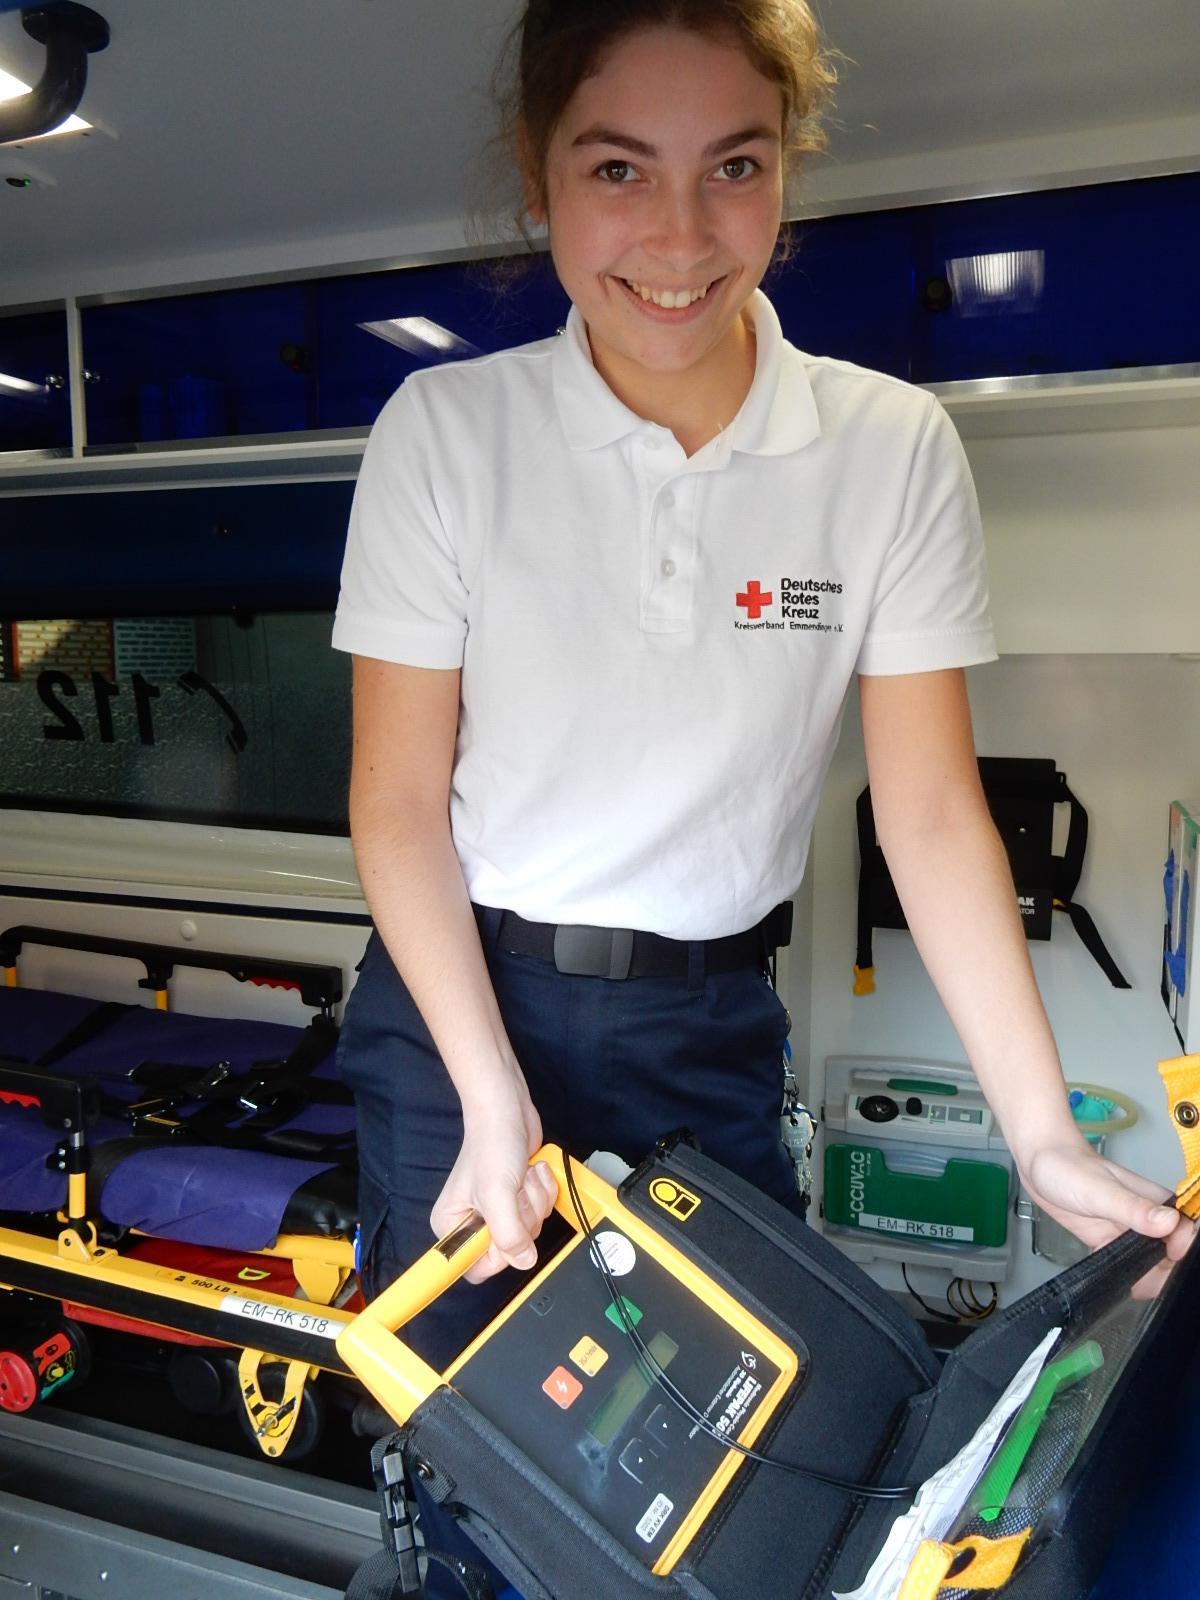 Gehört auch zu den Aufgaben: Die Funktionsprüfung des voll automatischen Defibrillators. Foto: Kurt Meier